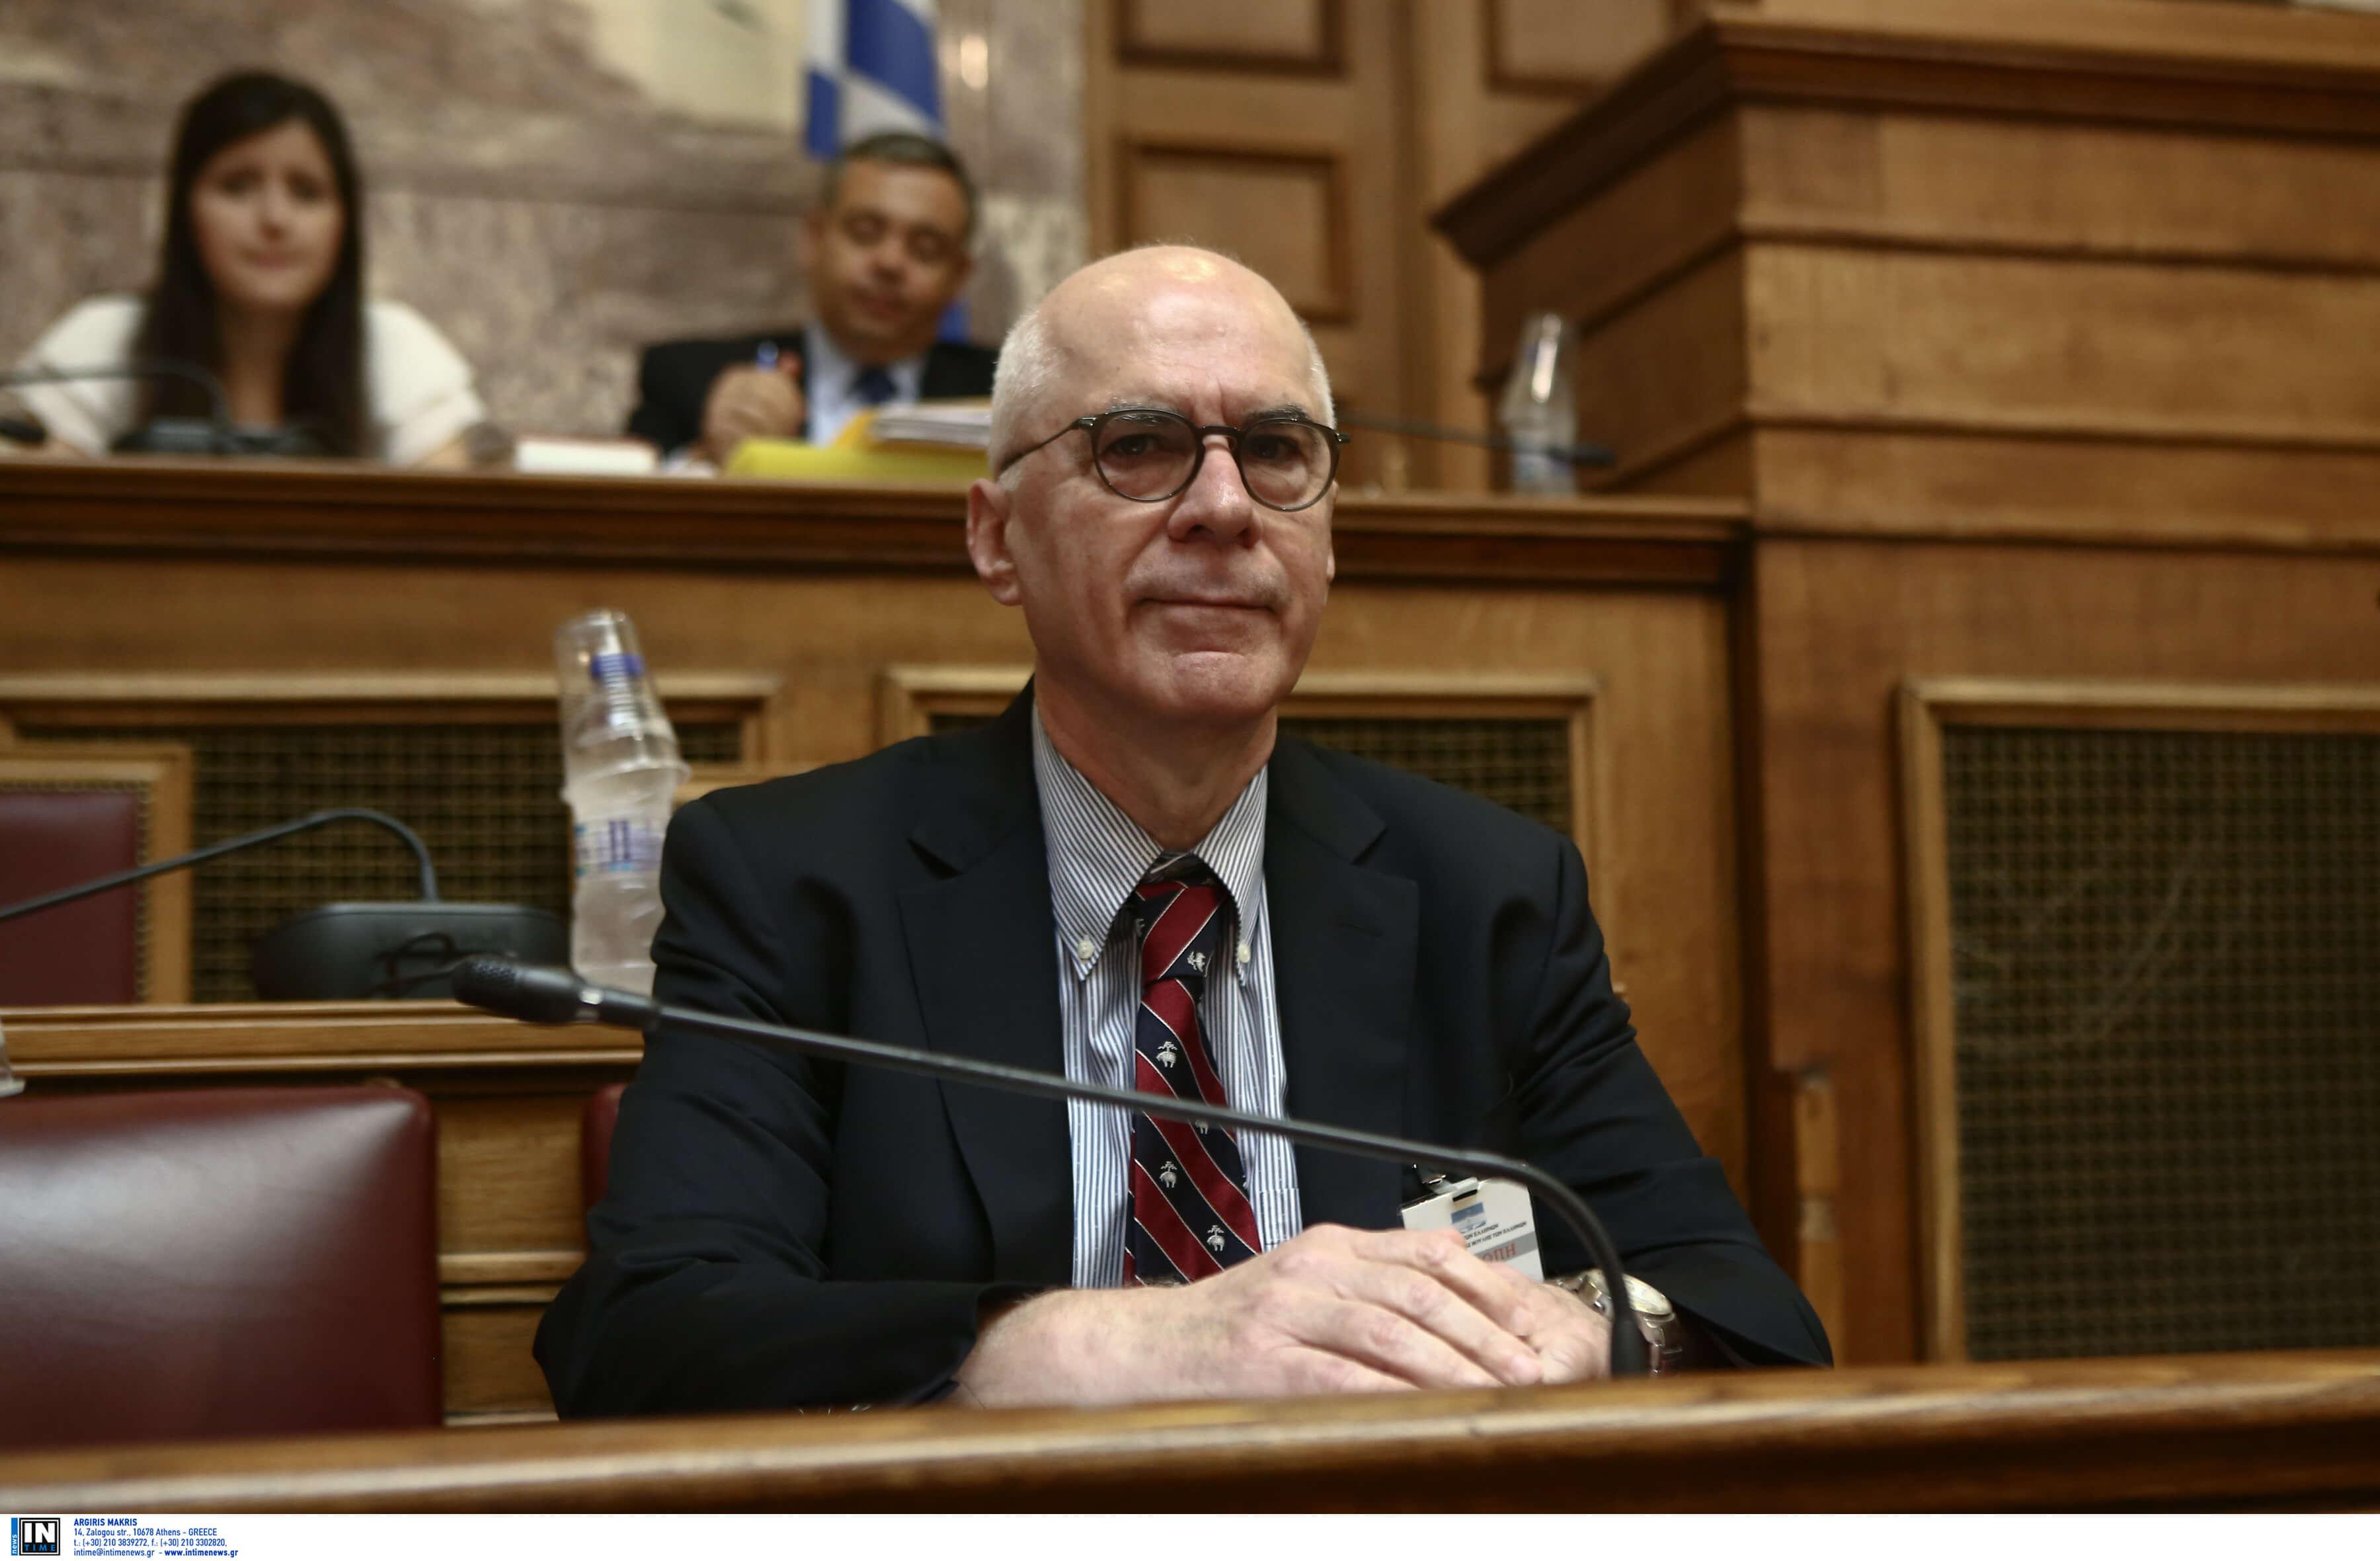 Κριτική από τον Έλληνα εκπρόσωπο στο ΔΝΤ για την έκθεση του Ταμείου